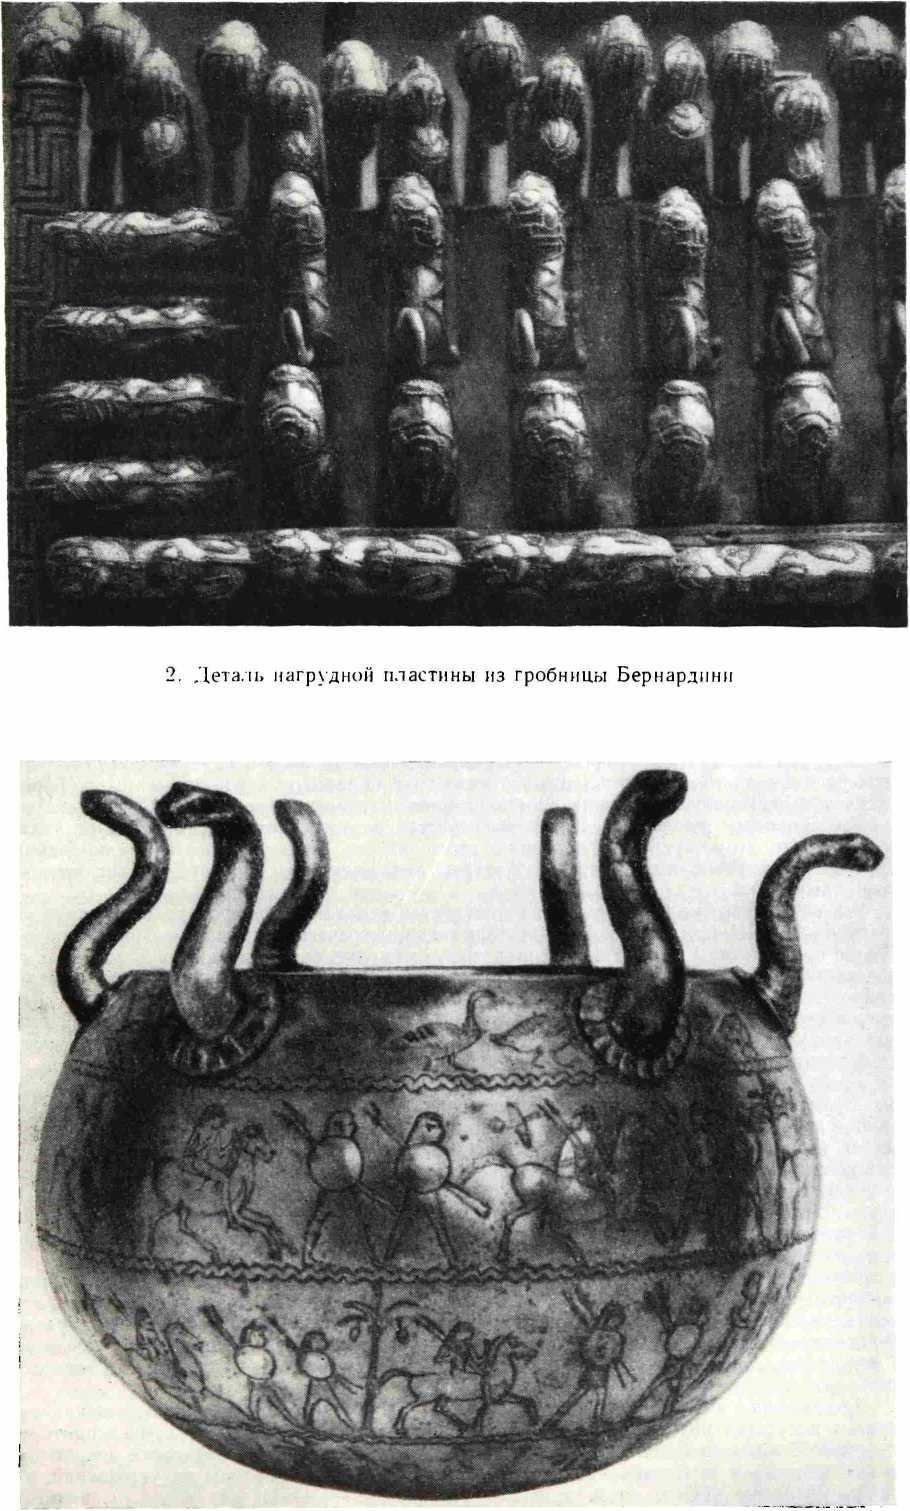 3. Лебес из гробницы Бернардини